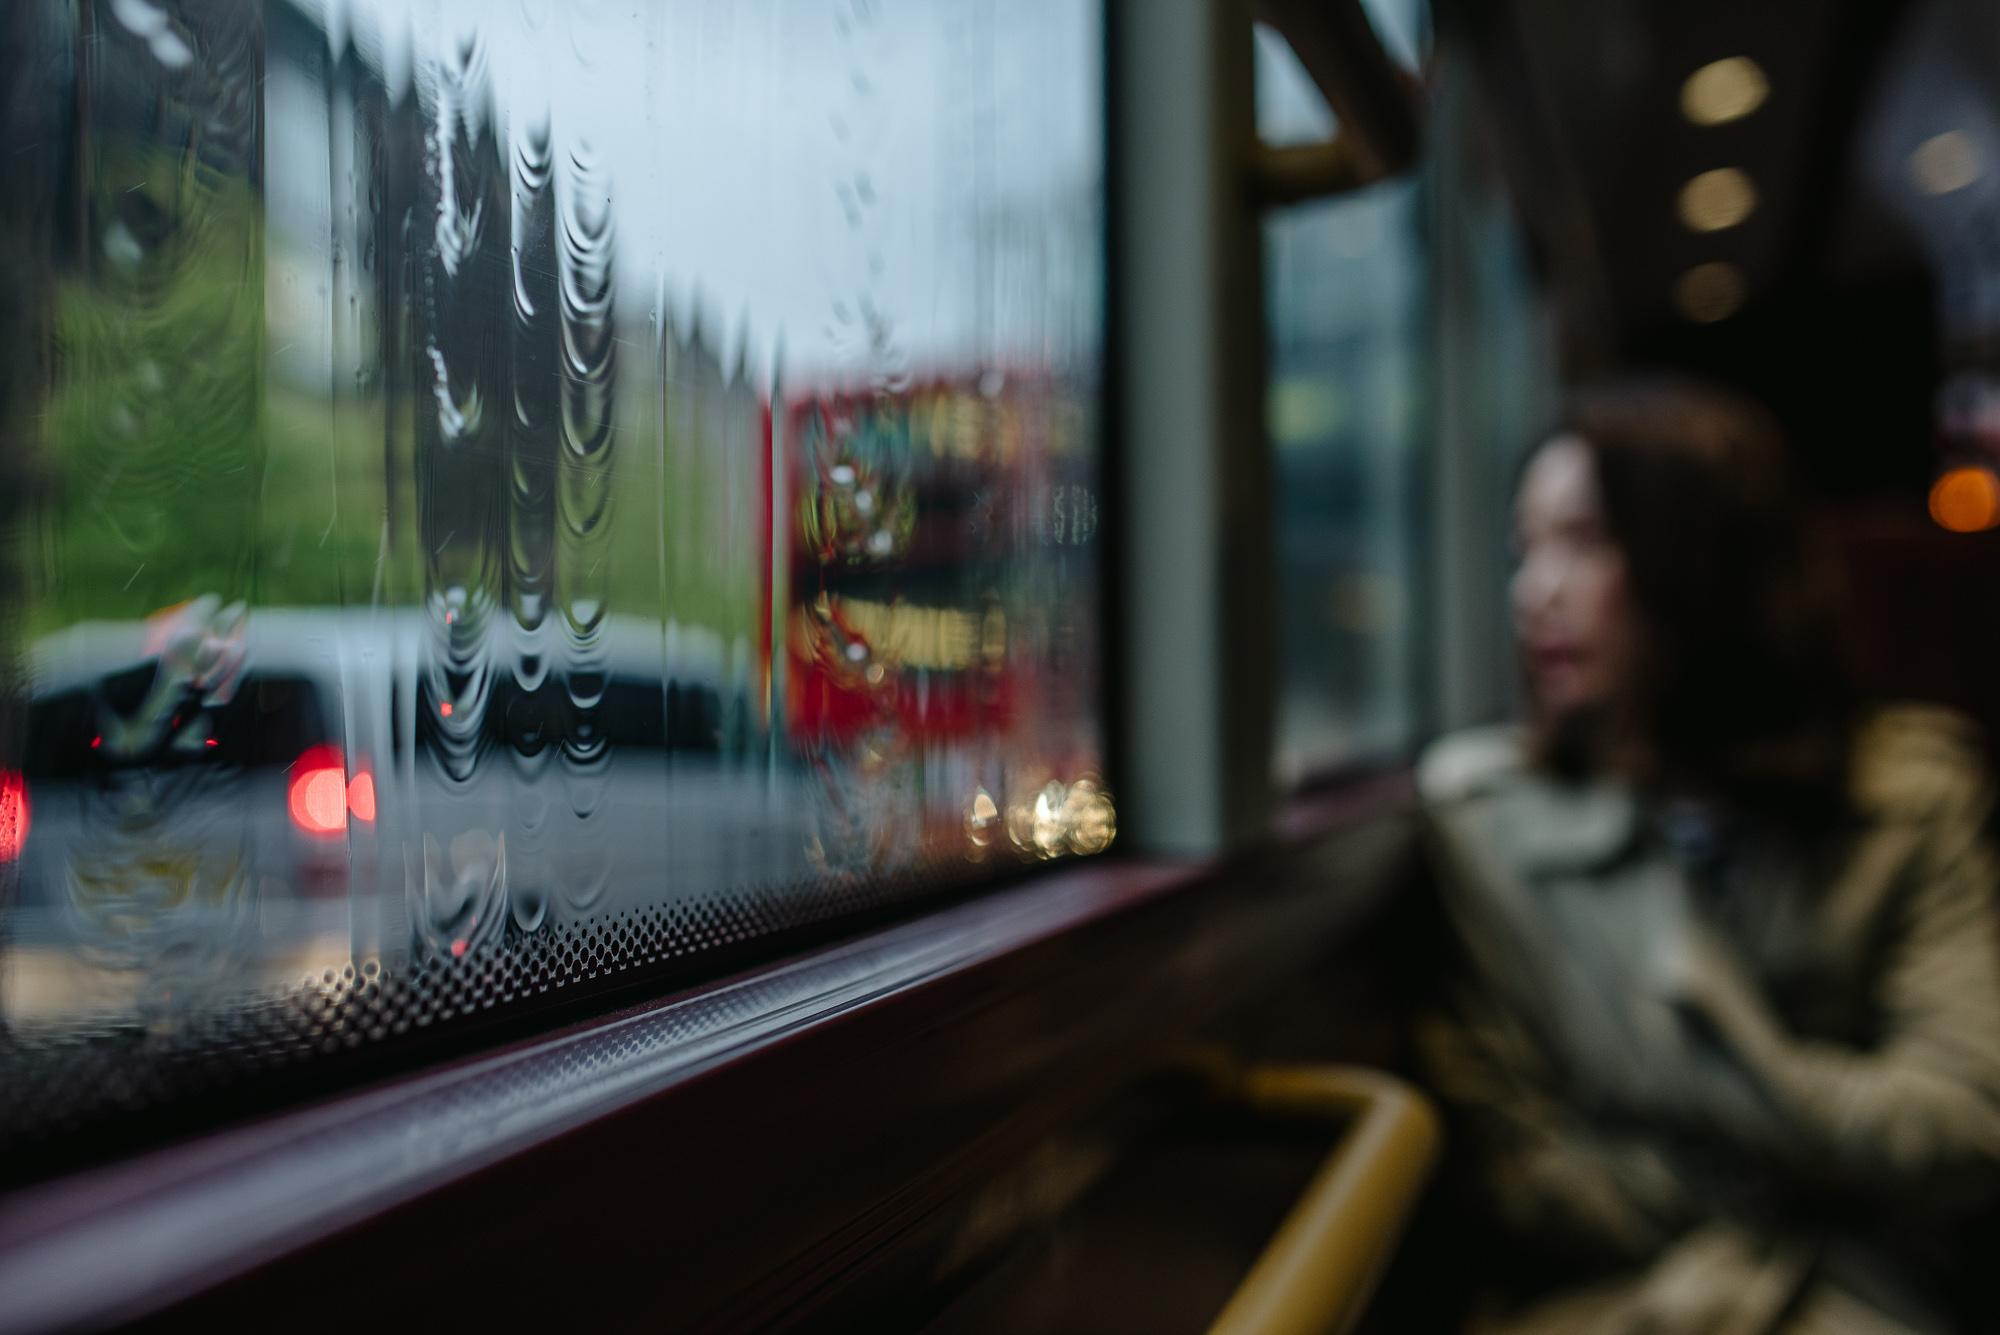 london-311.jpg